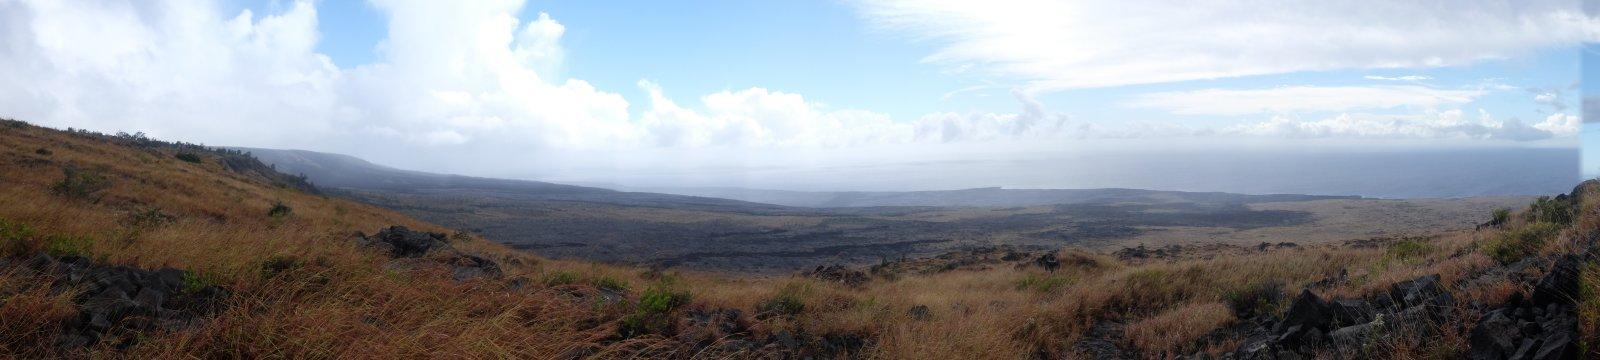 Hawaii2020 (12 of 64)-2.jpg